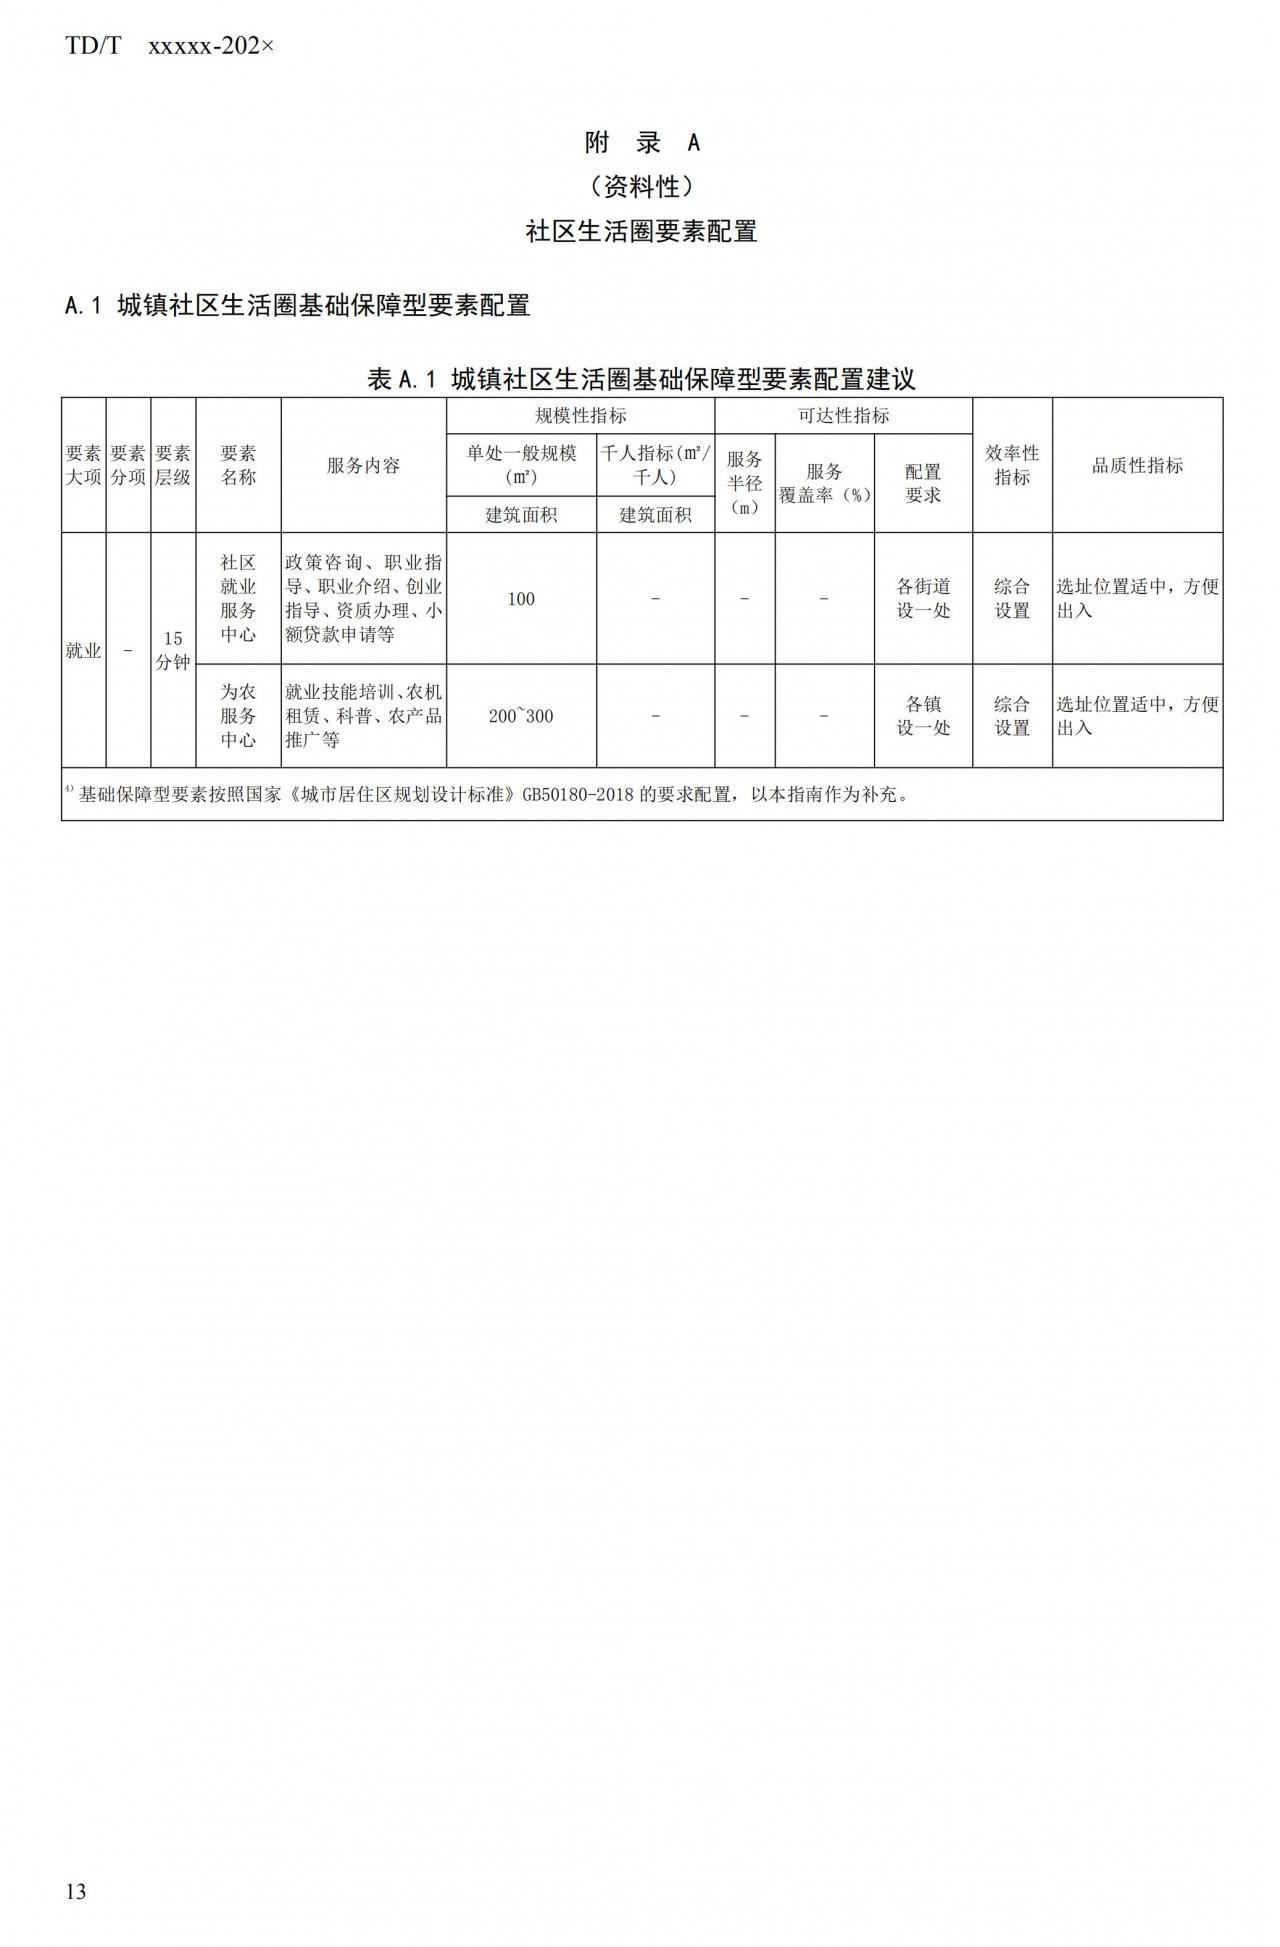 20_WD_240432_社区生活圈规划技术指南_18.jpg